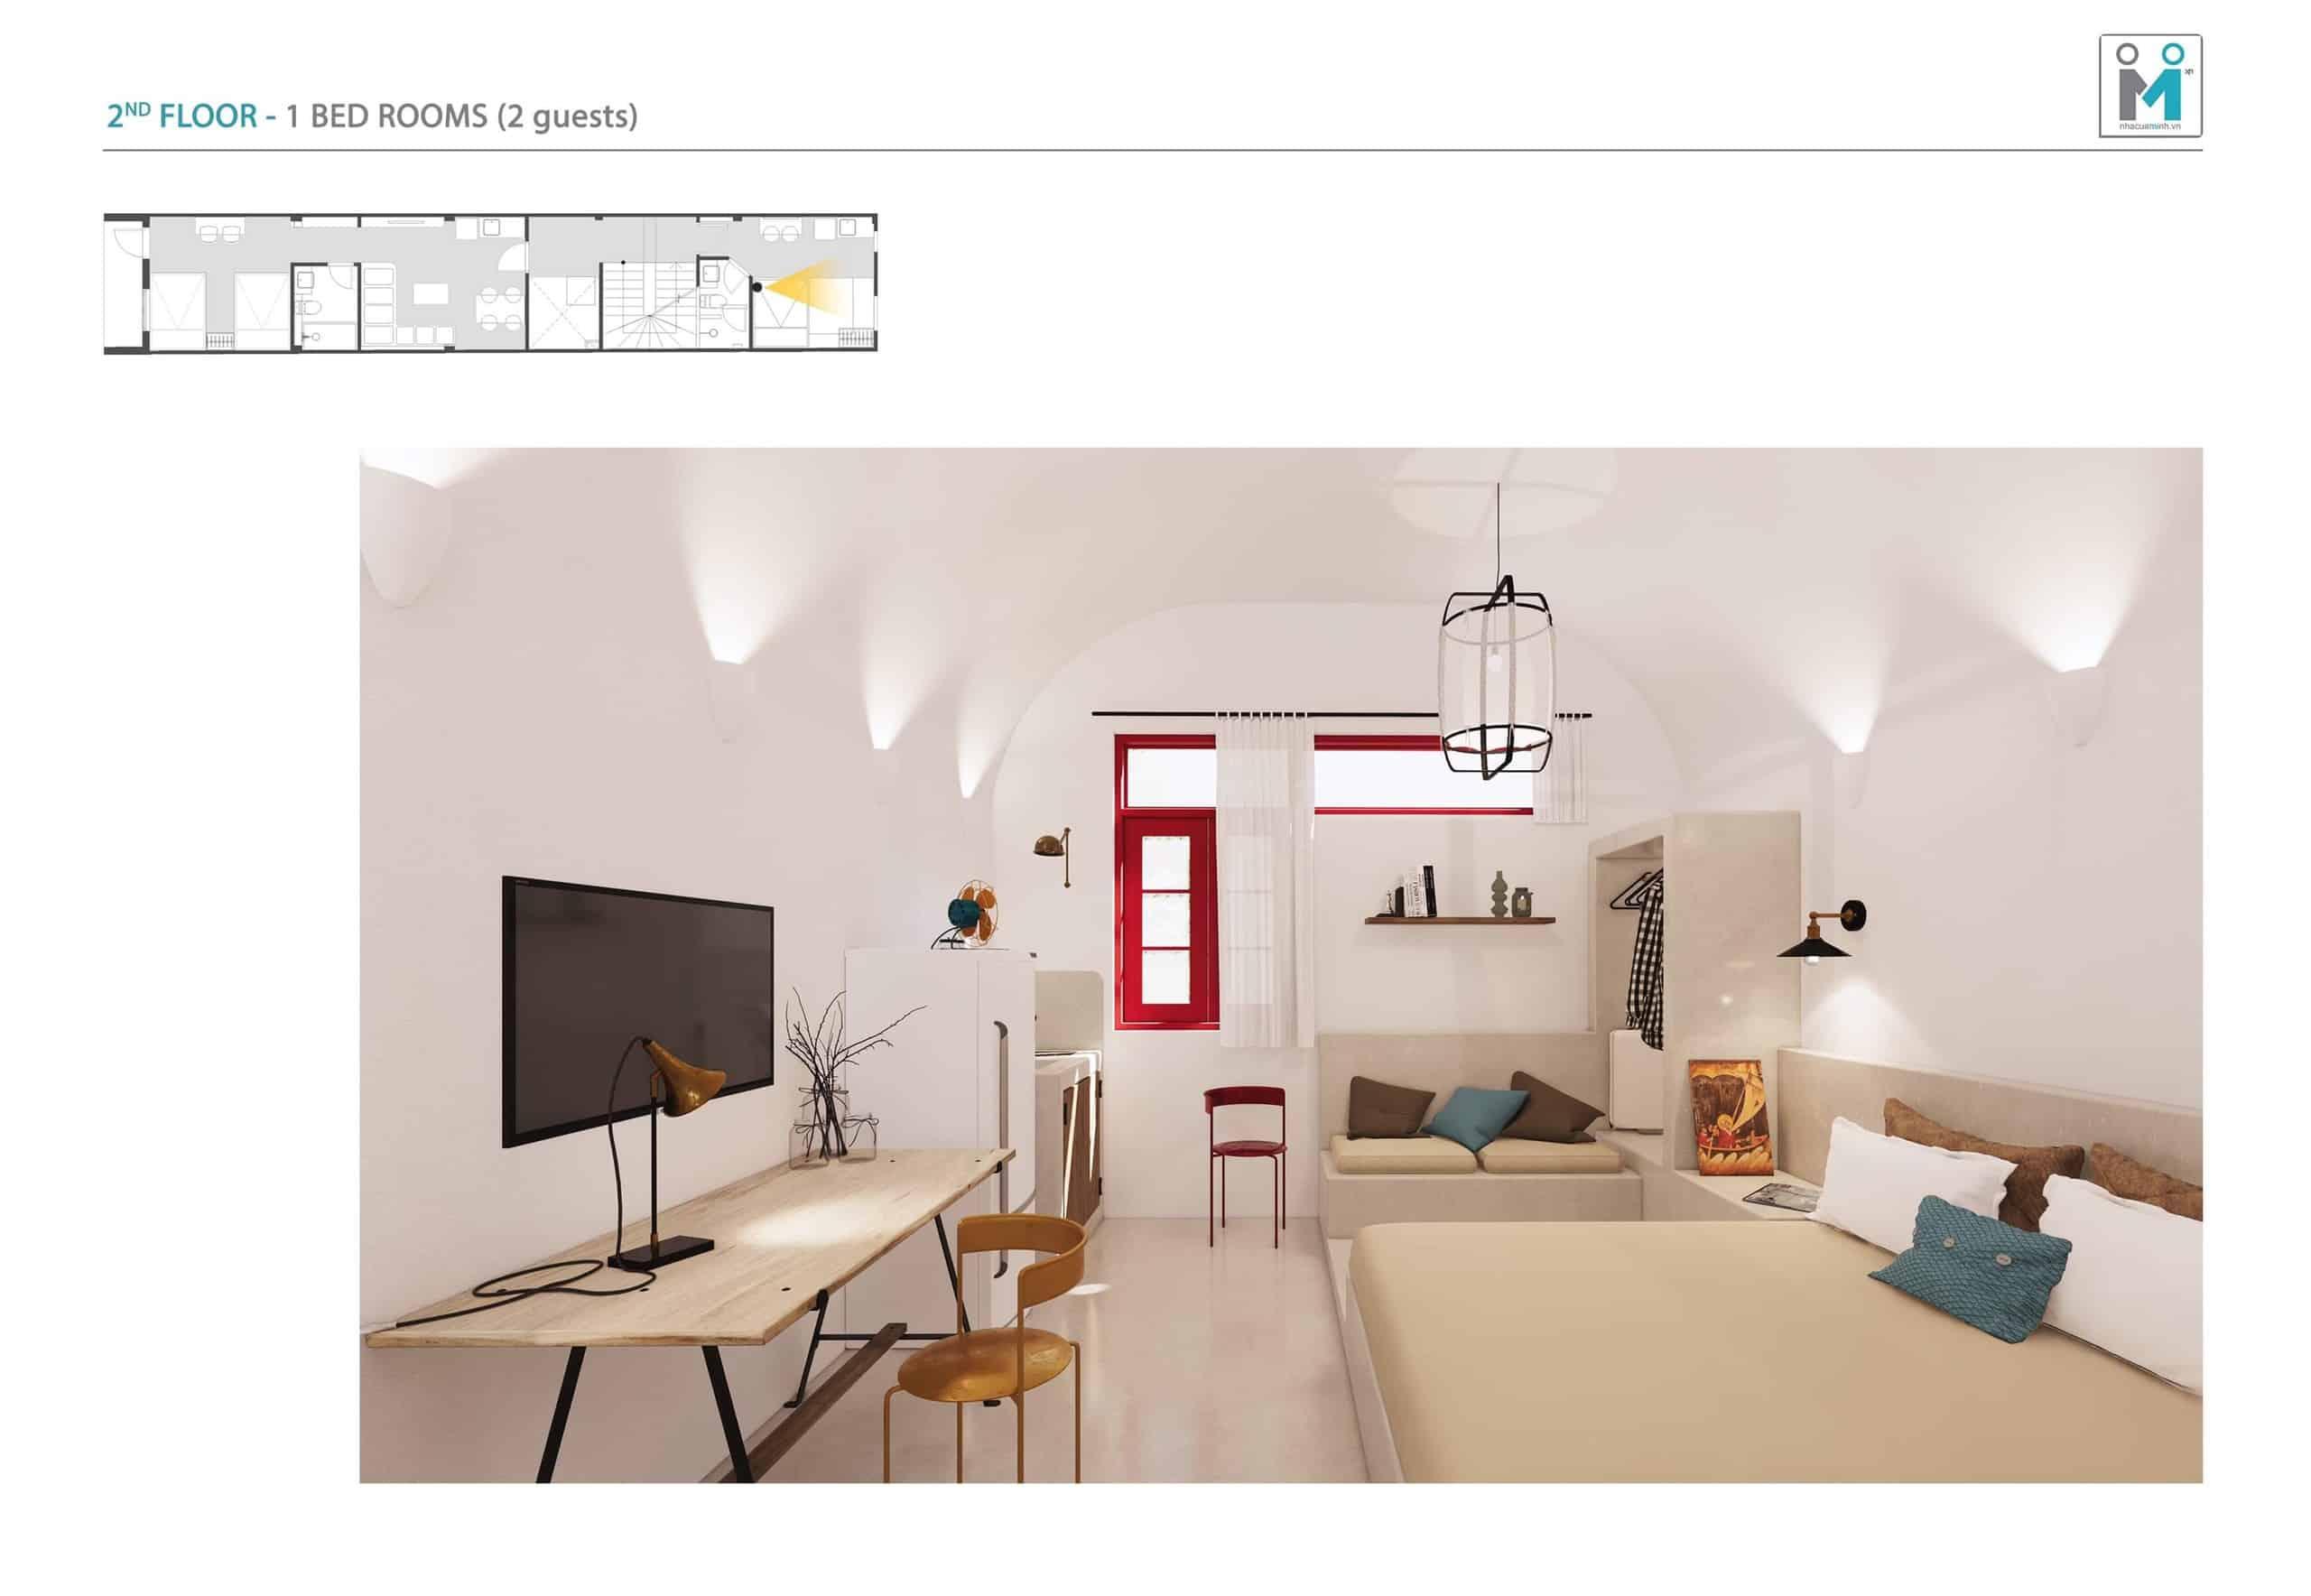 Đo vẽ hiện trạng, cải tạo căn hộ cho thuê Airbnb đường Mai Thị Lựu sau khi nâng cấp 4